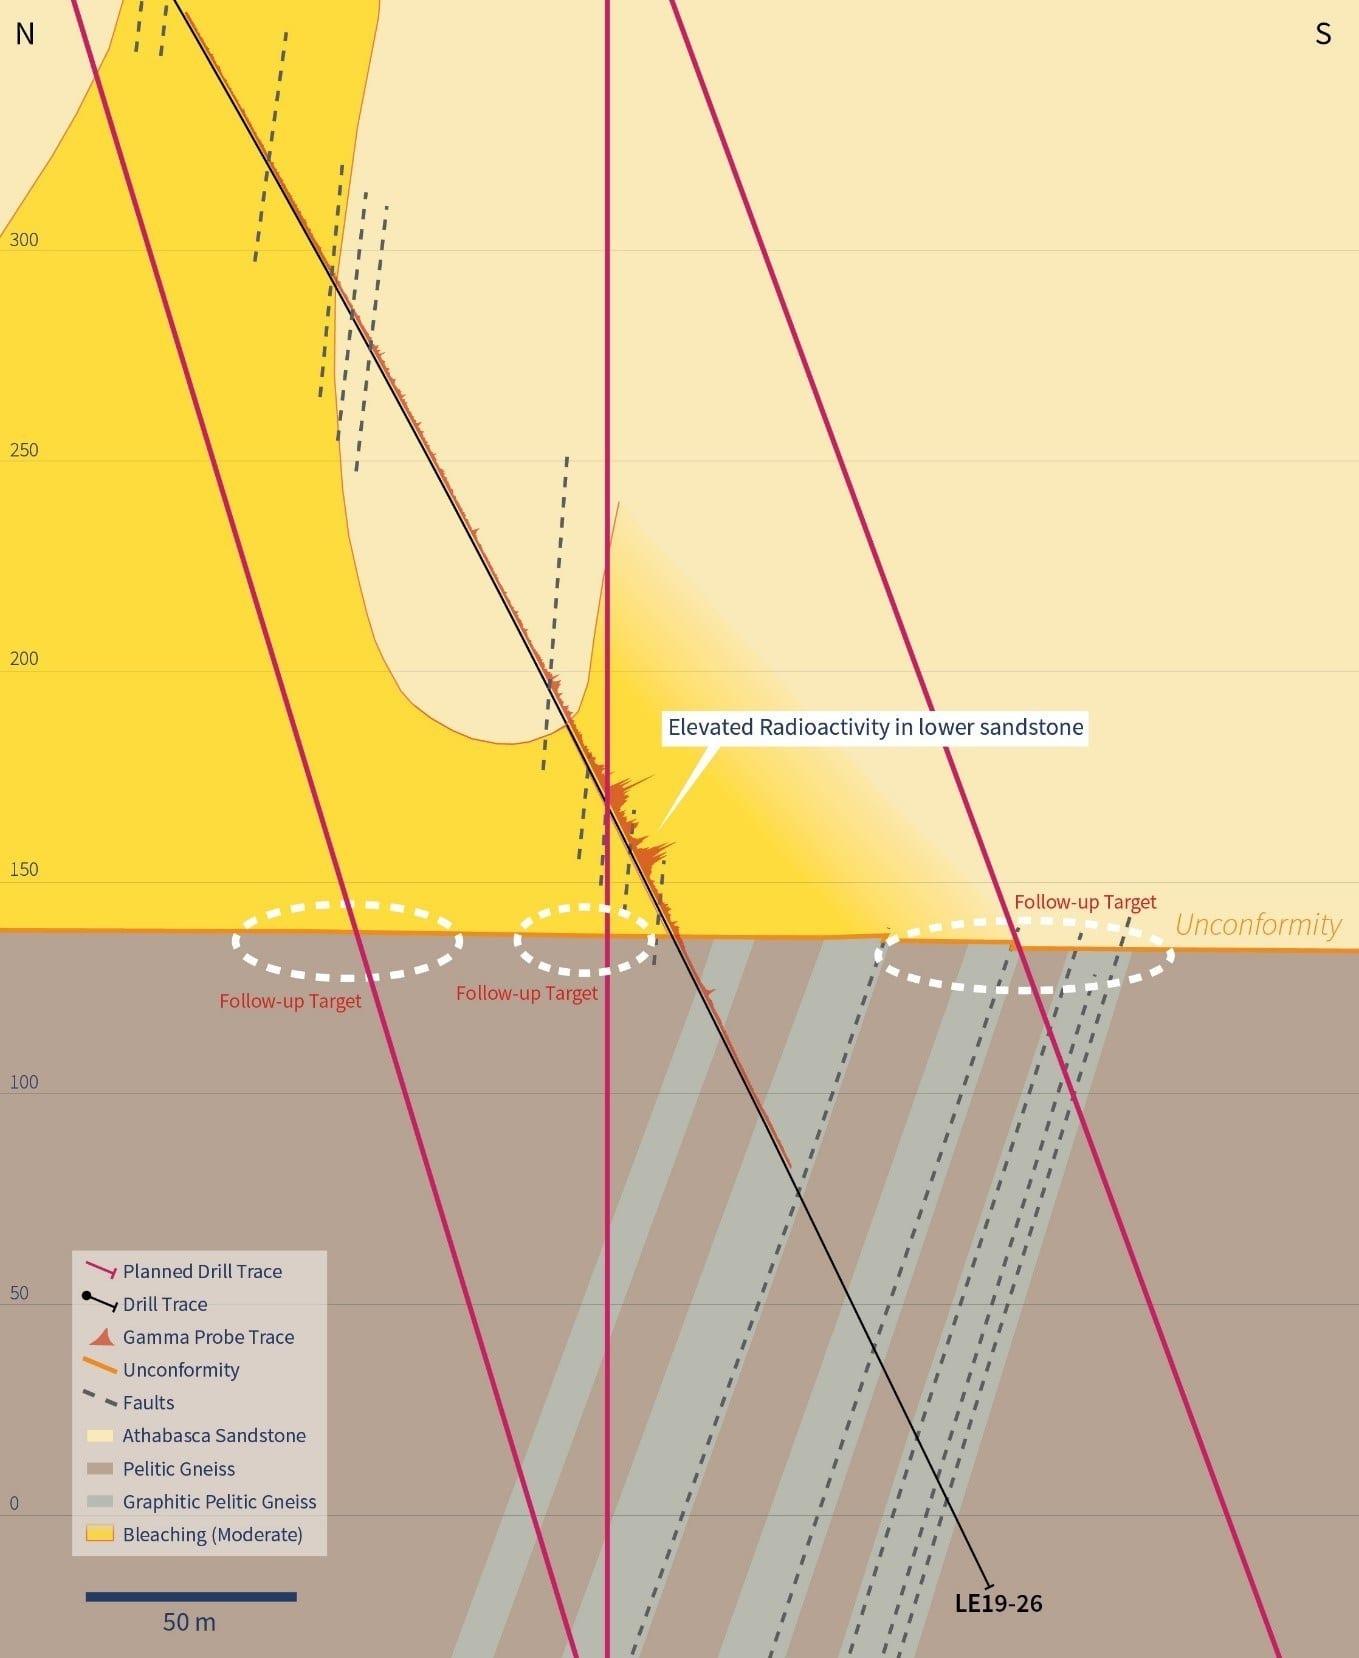 isoenergy image 5